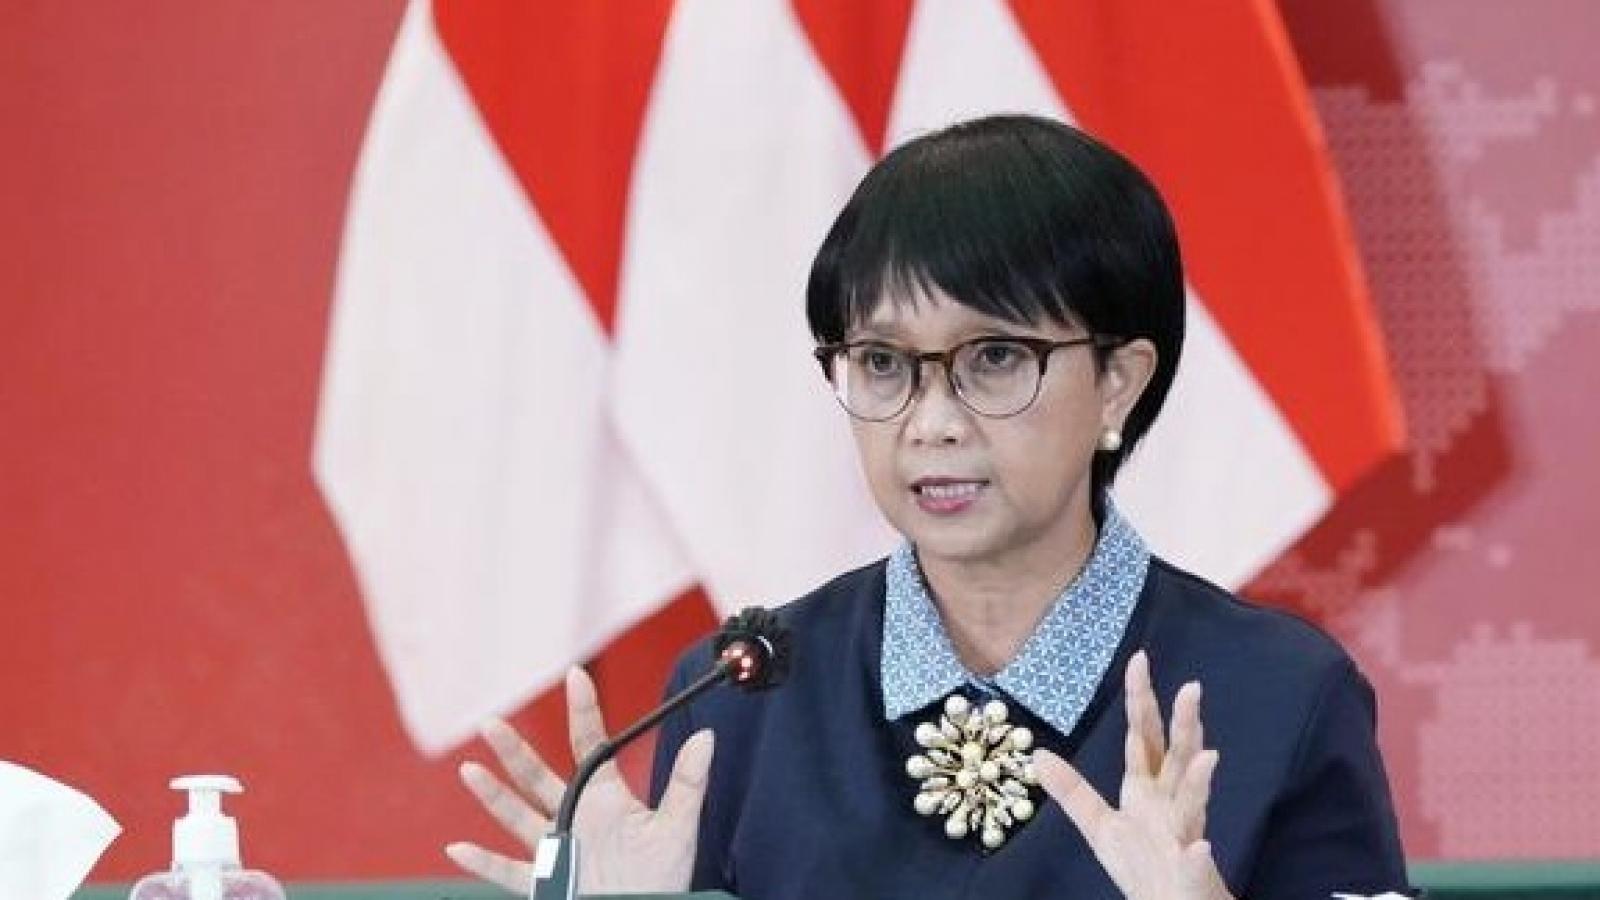 Các nước ASEAN kêu gọi đẩy nhanh thực hiện 5 đồng thuận về Myanmar